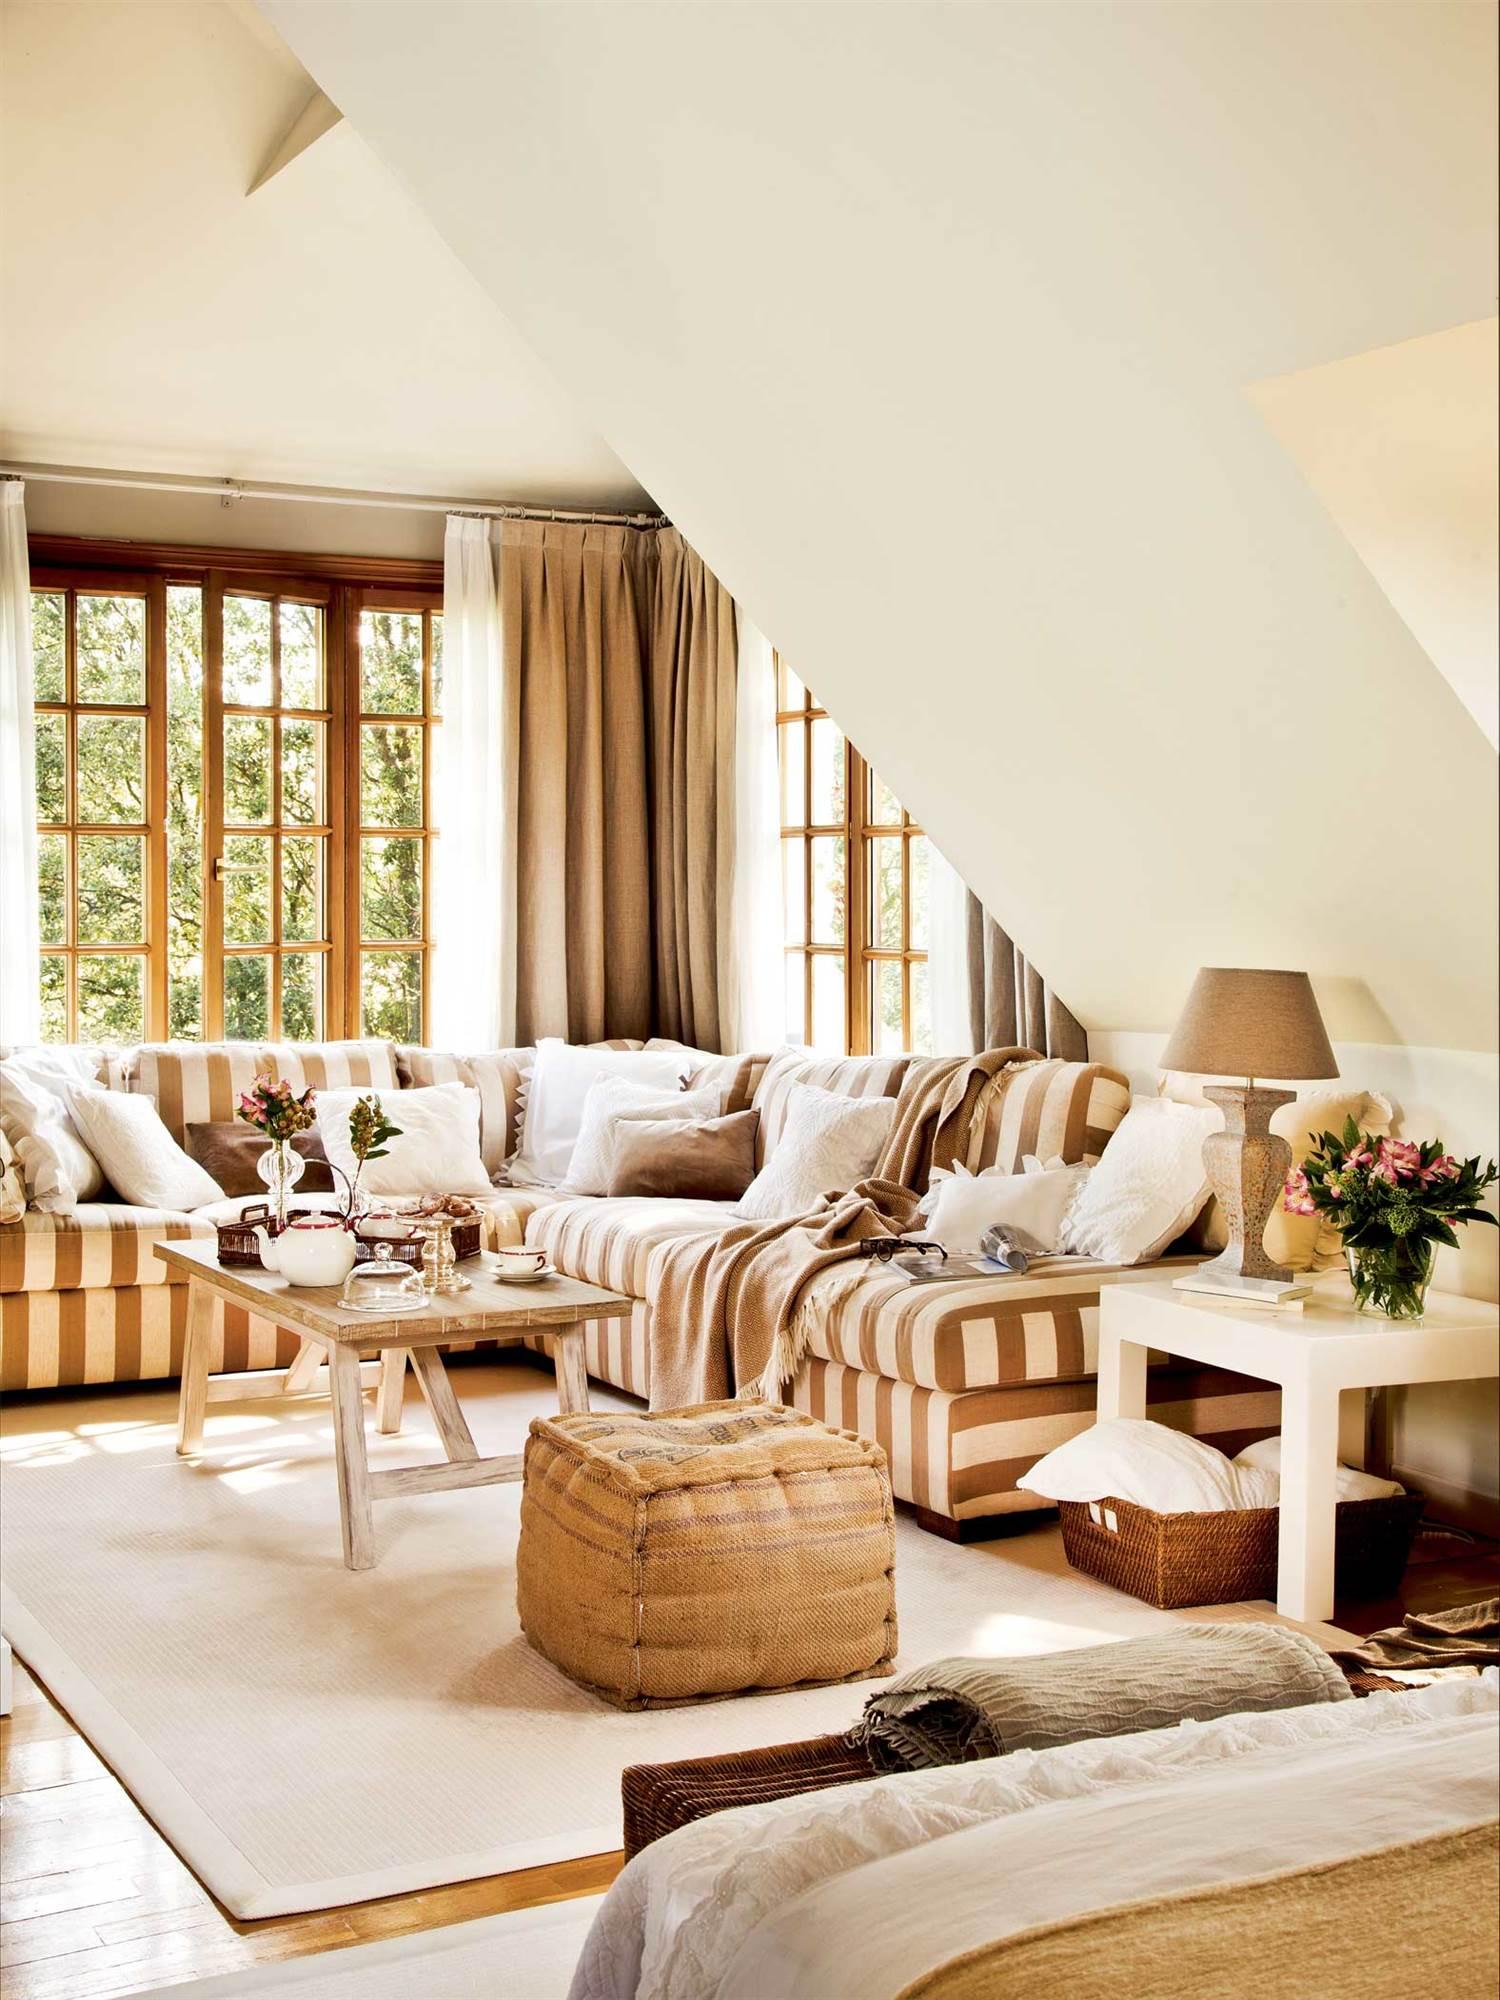 Como decorar tu habitacion sin gastar dinero awesome como - Decorar sin dinero ...